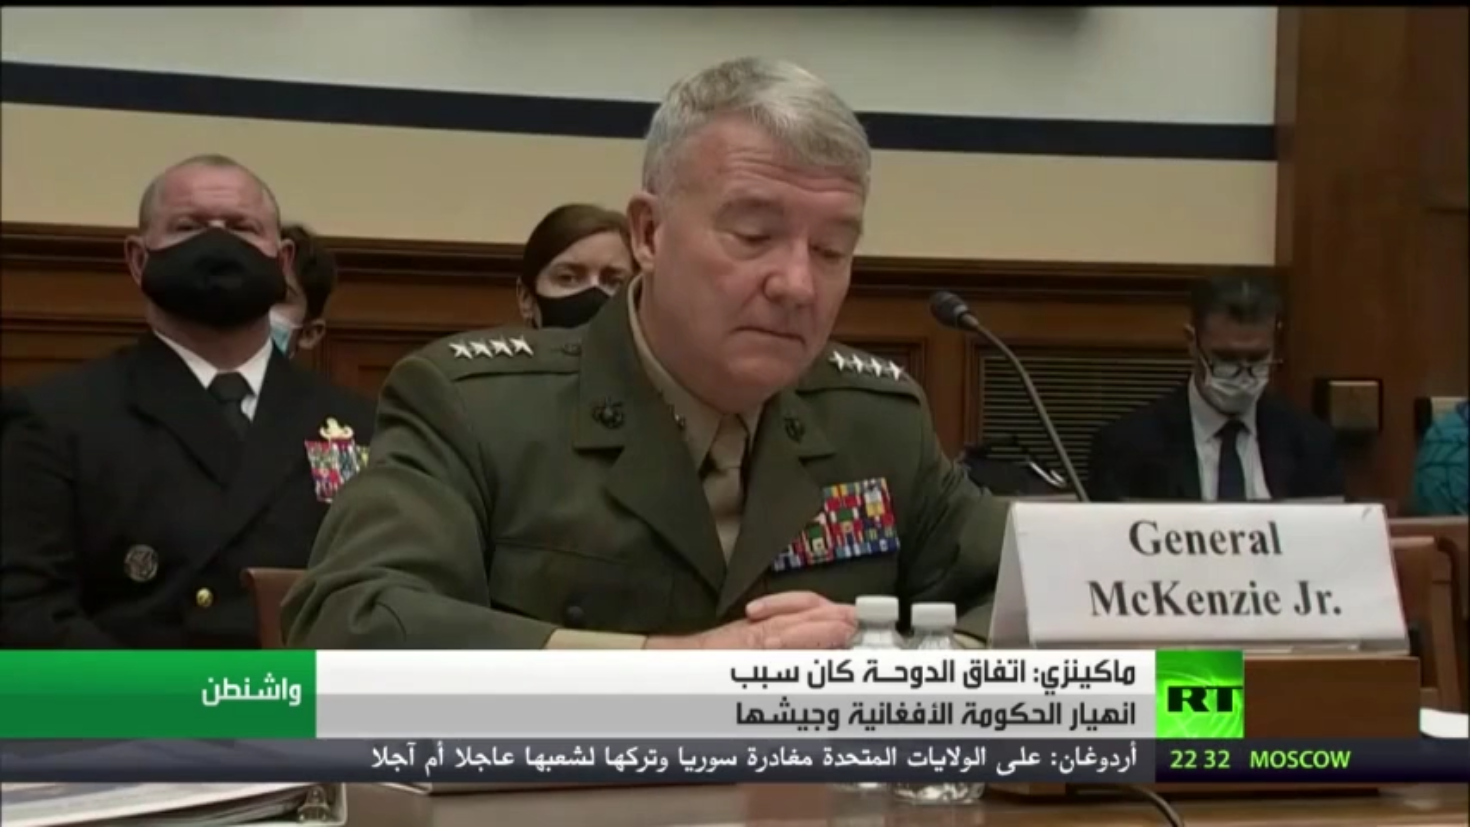 الجيش الأمريكي ينتقد الخارجية بشأن أفغانستان